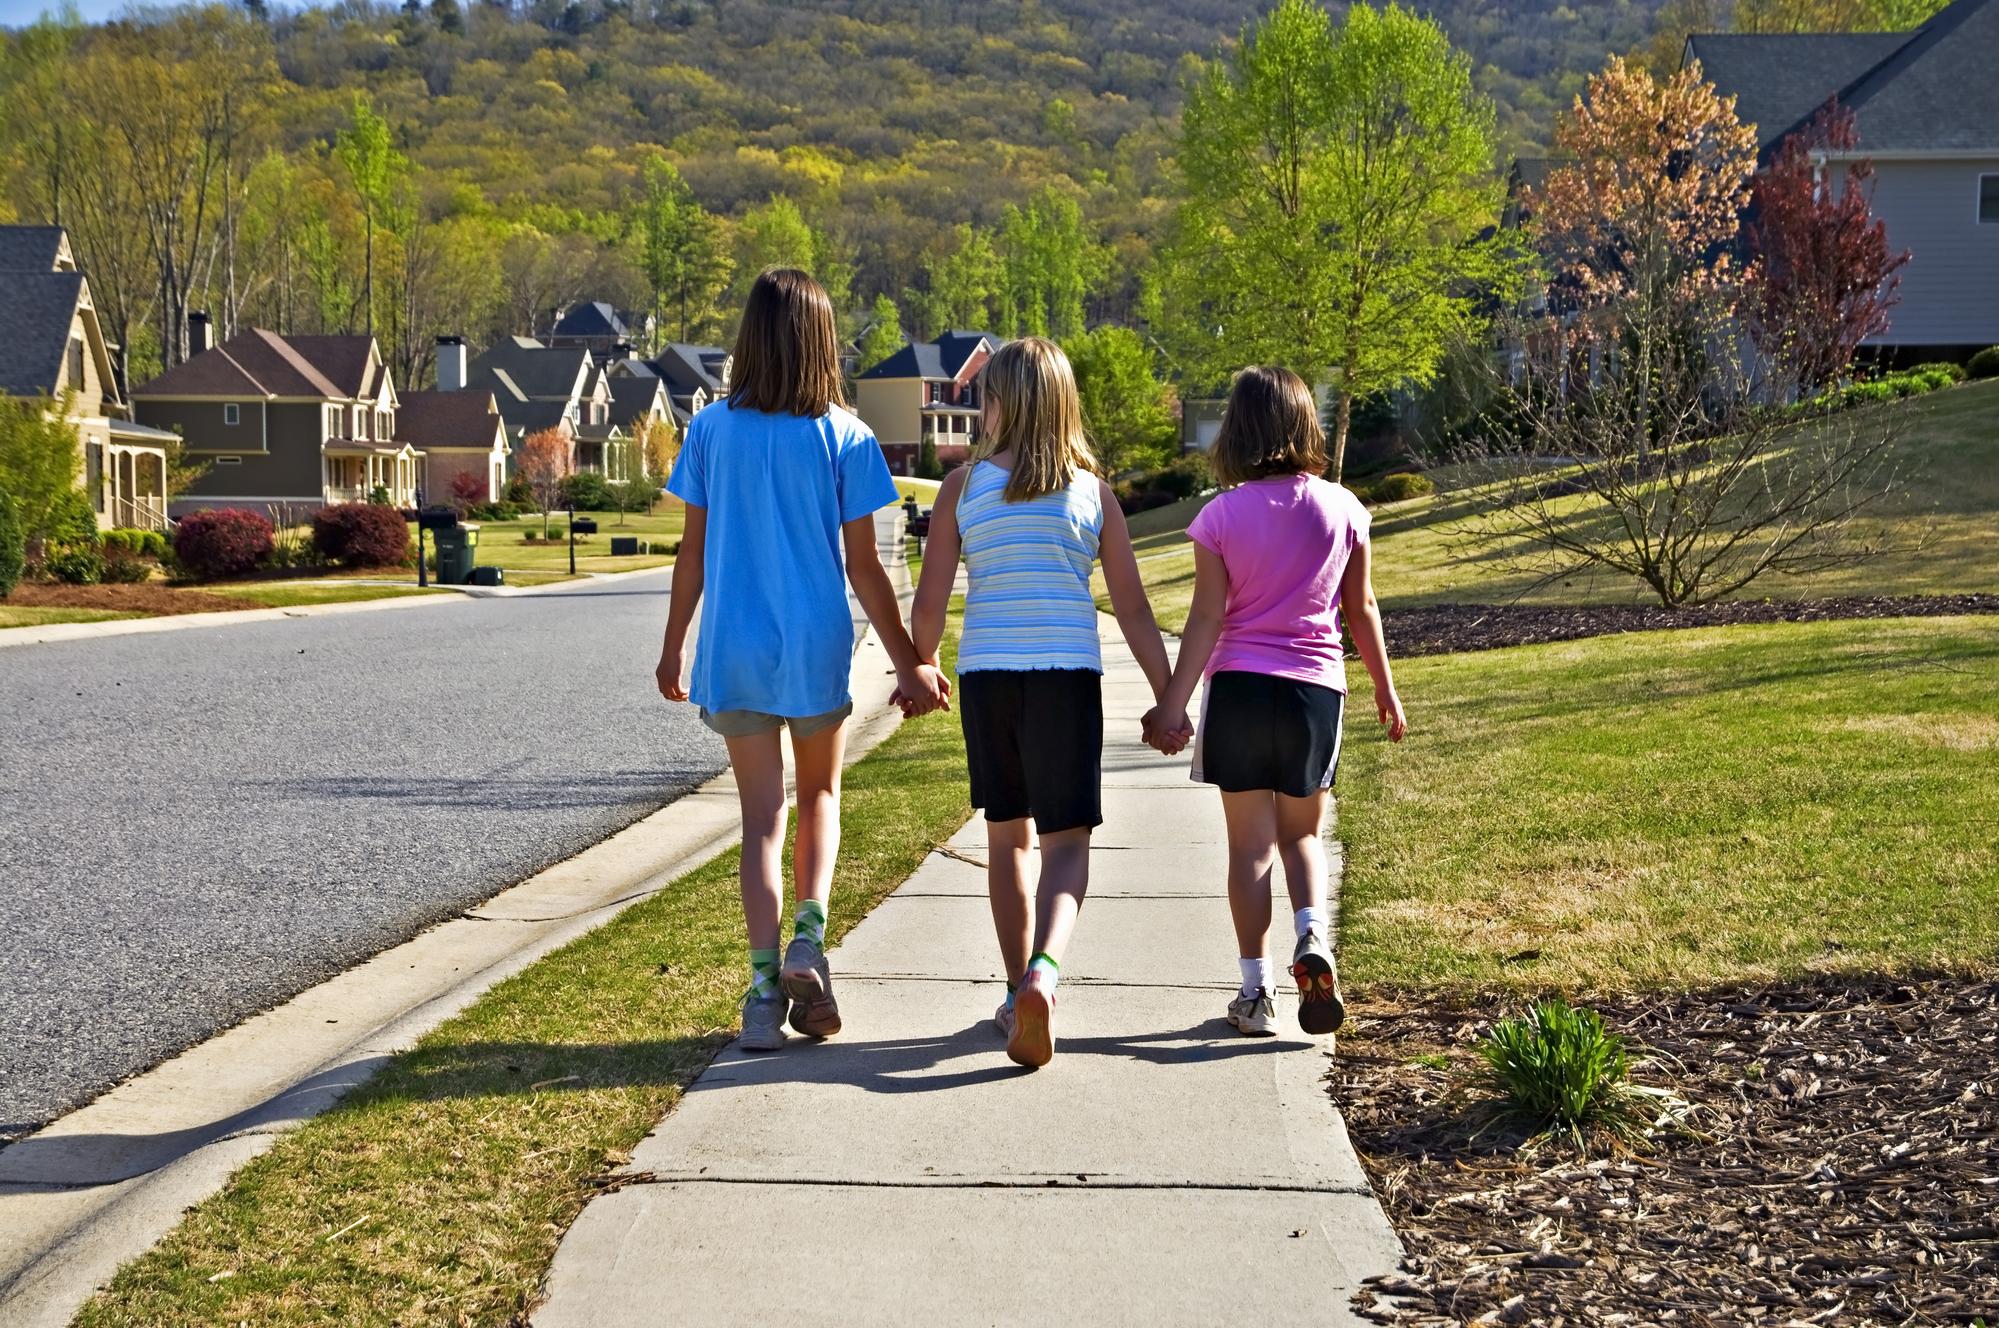 Children walking on a sidewalk